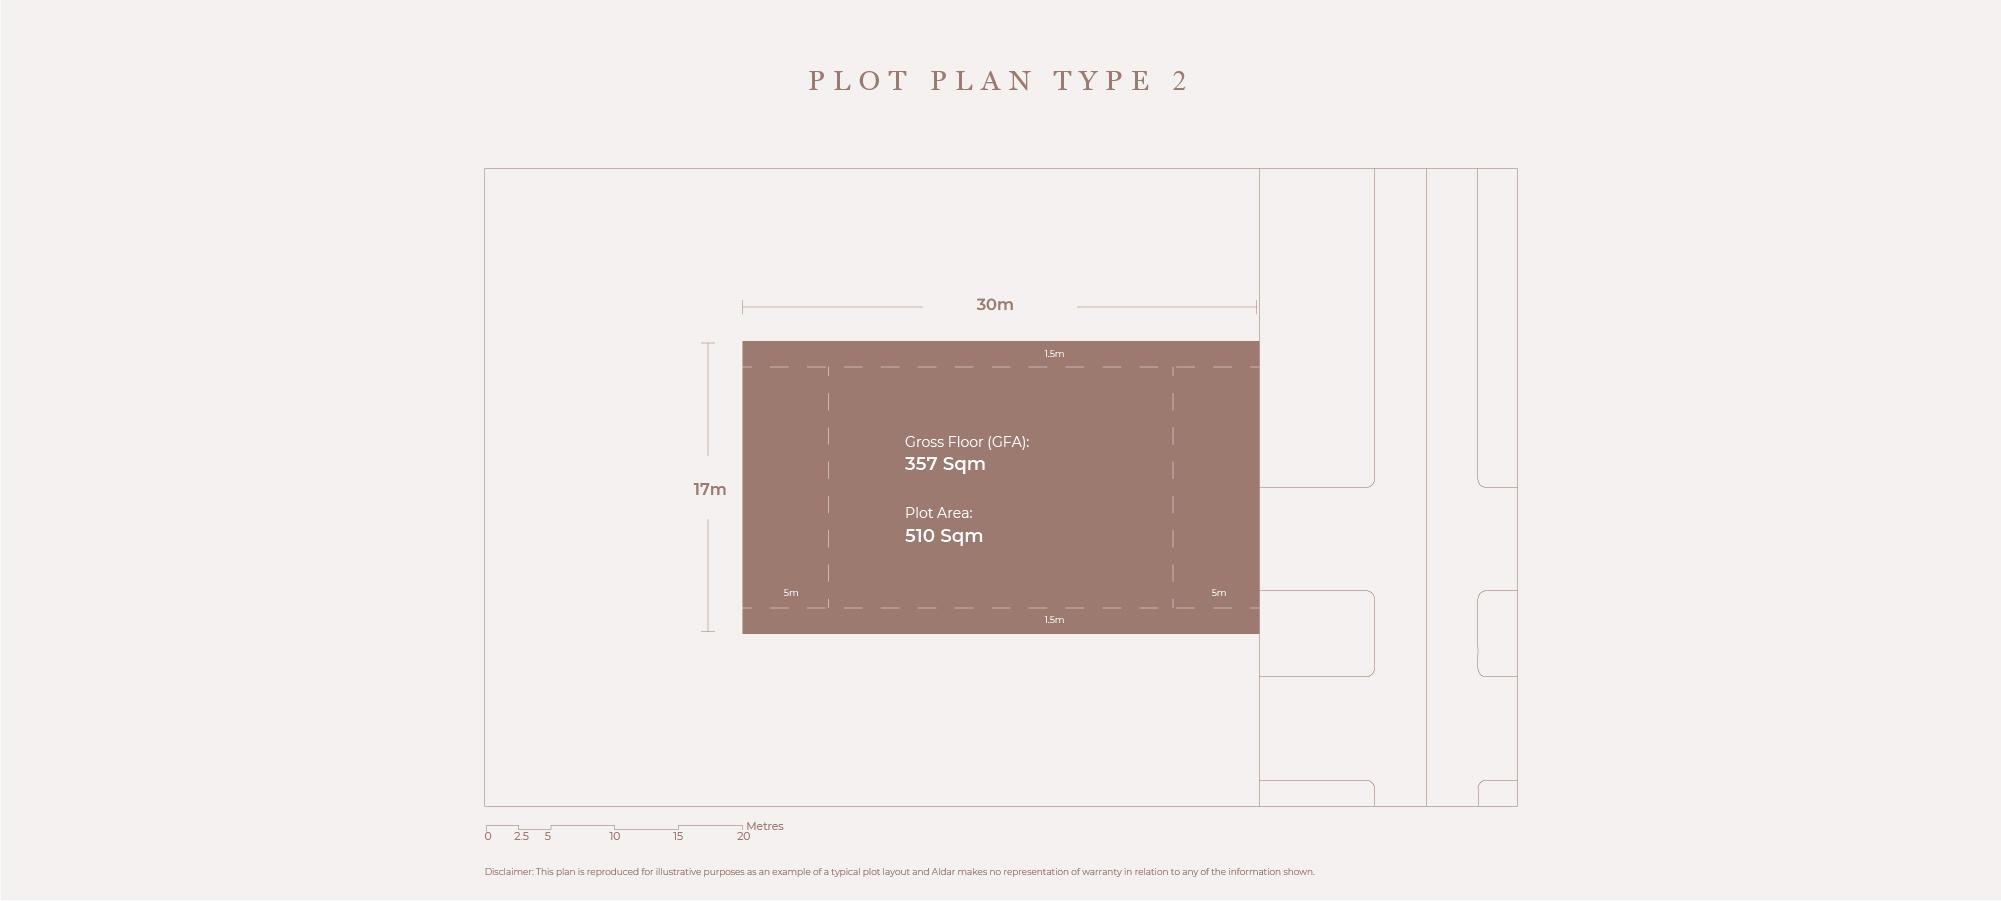 Plots Plan Type 2, Size 510 Sqm